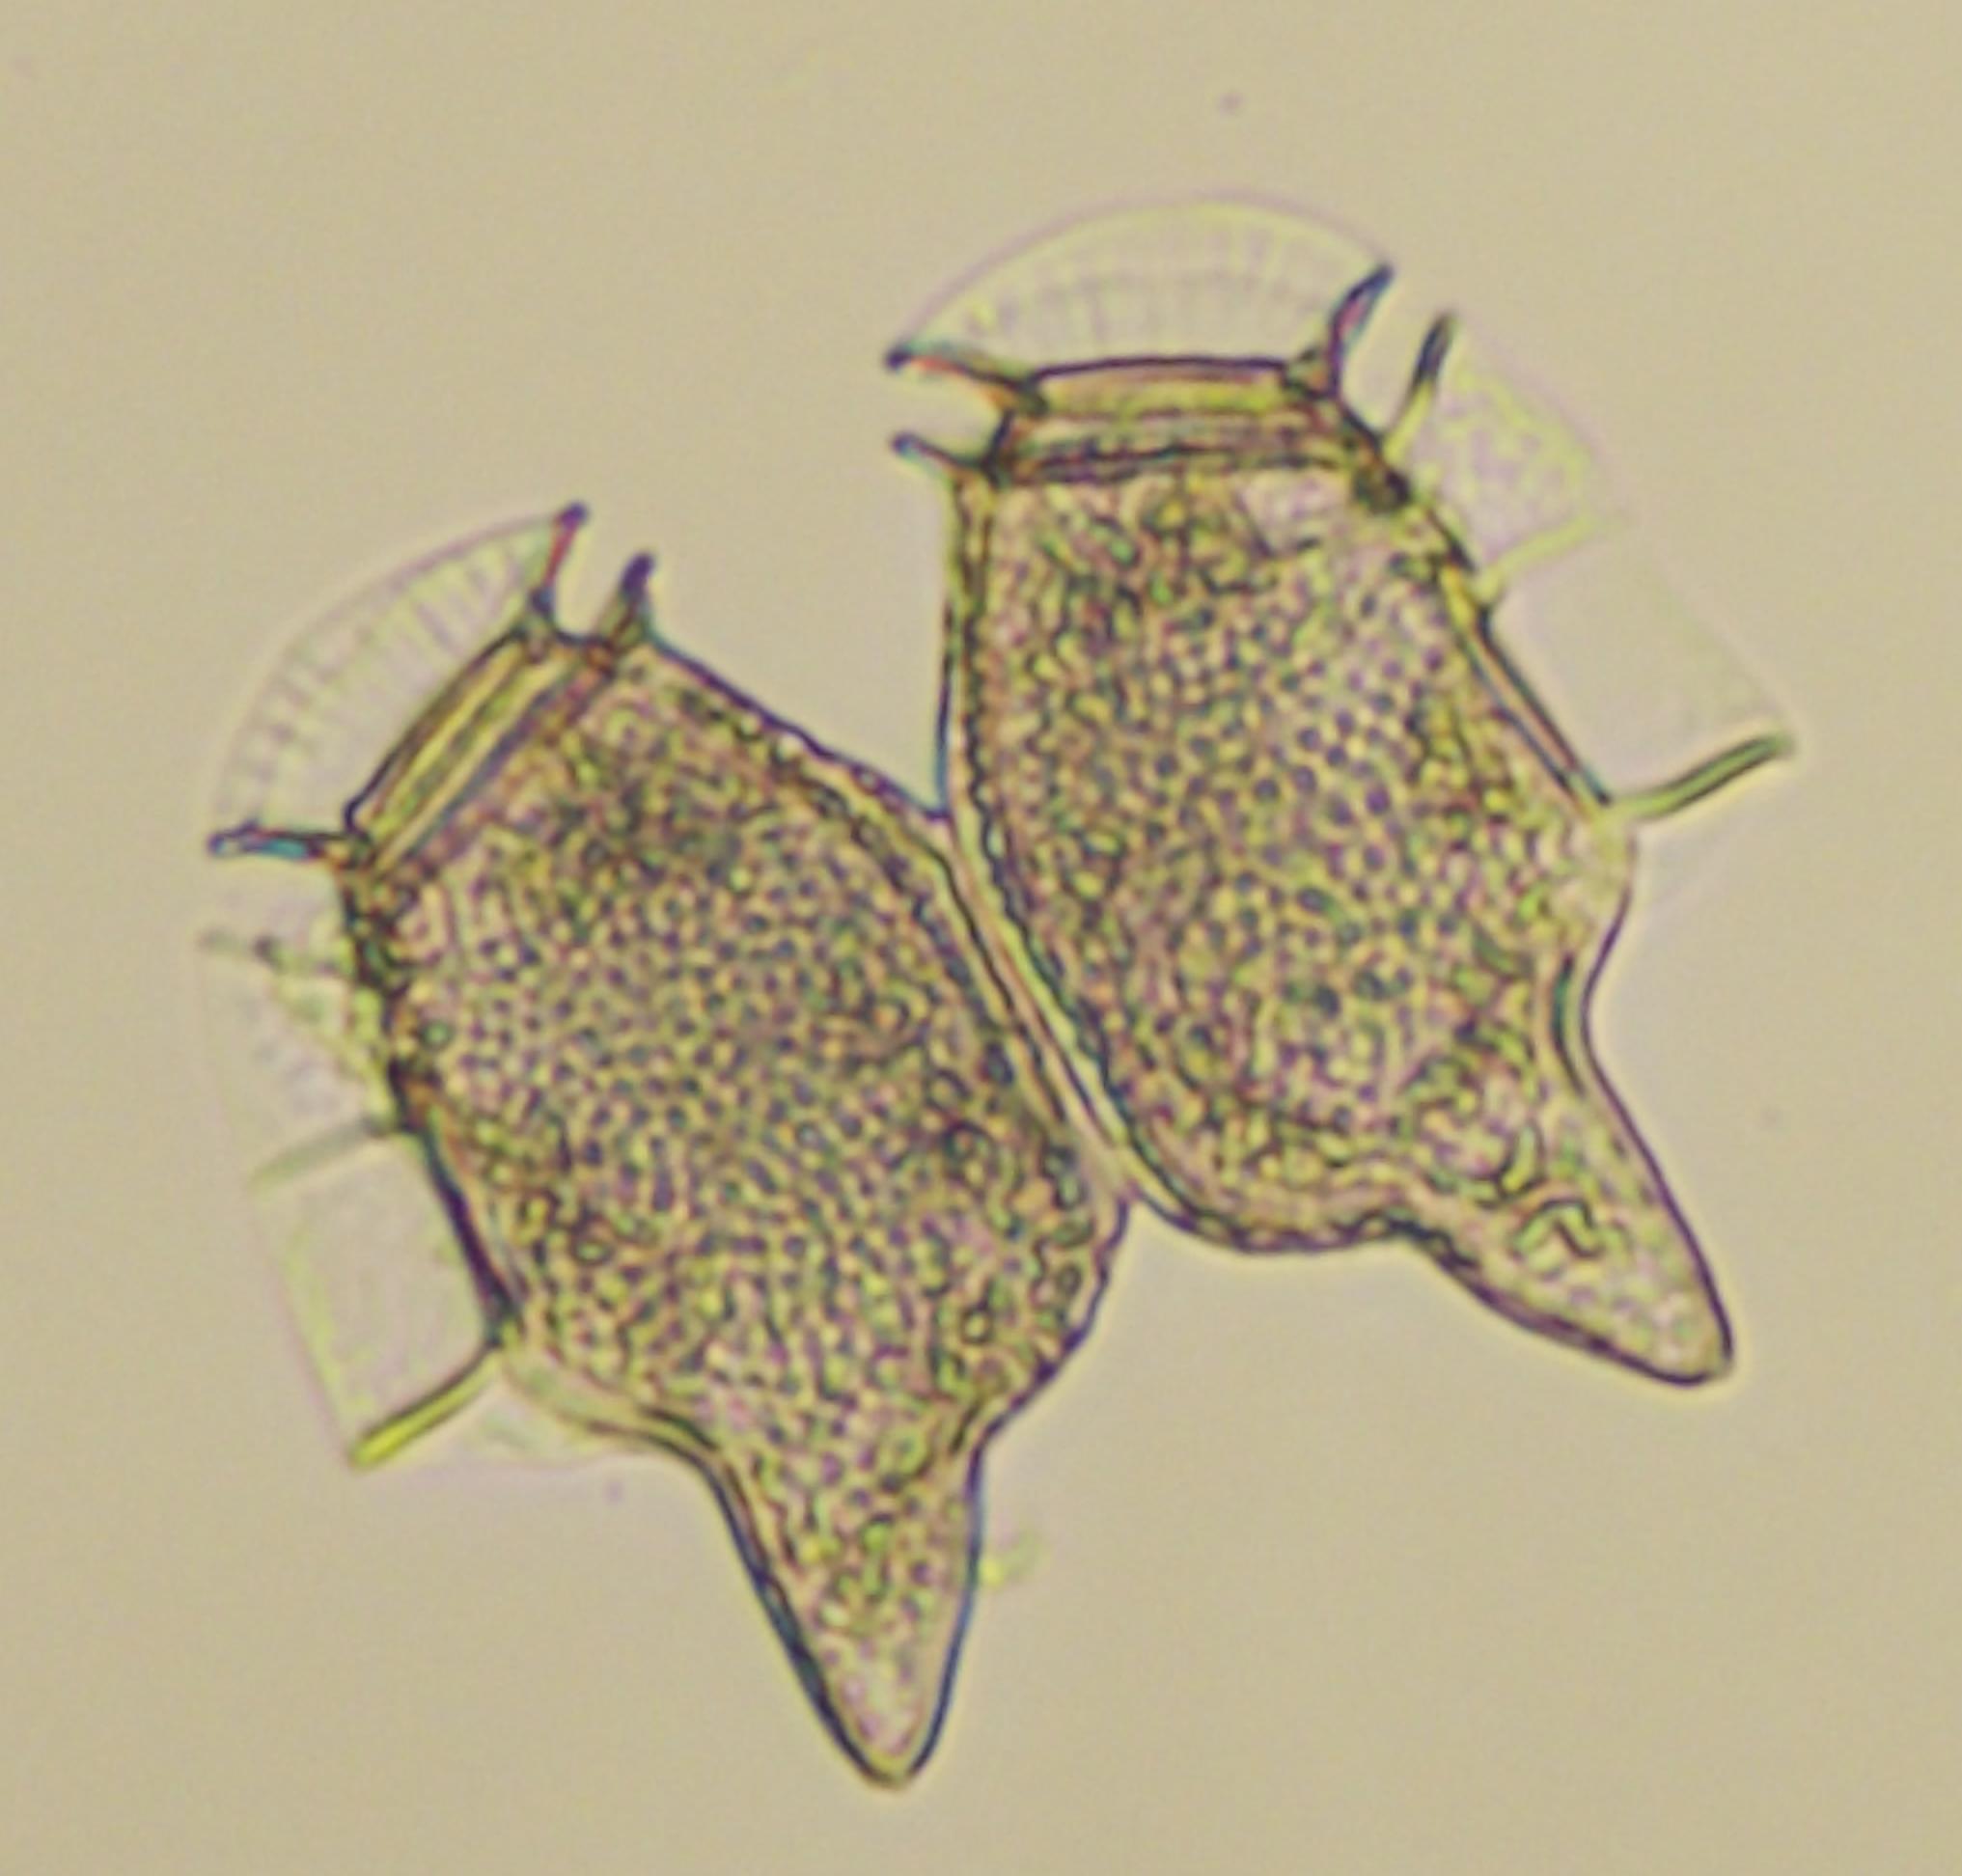 Dinophysis Caudata Saville Kent Nordic Microalgae